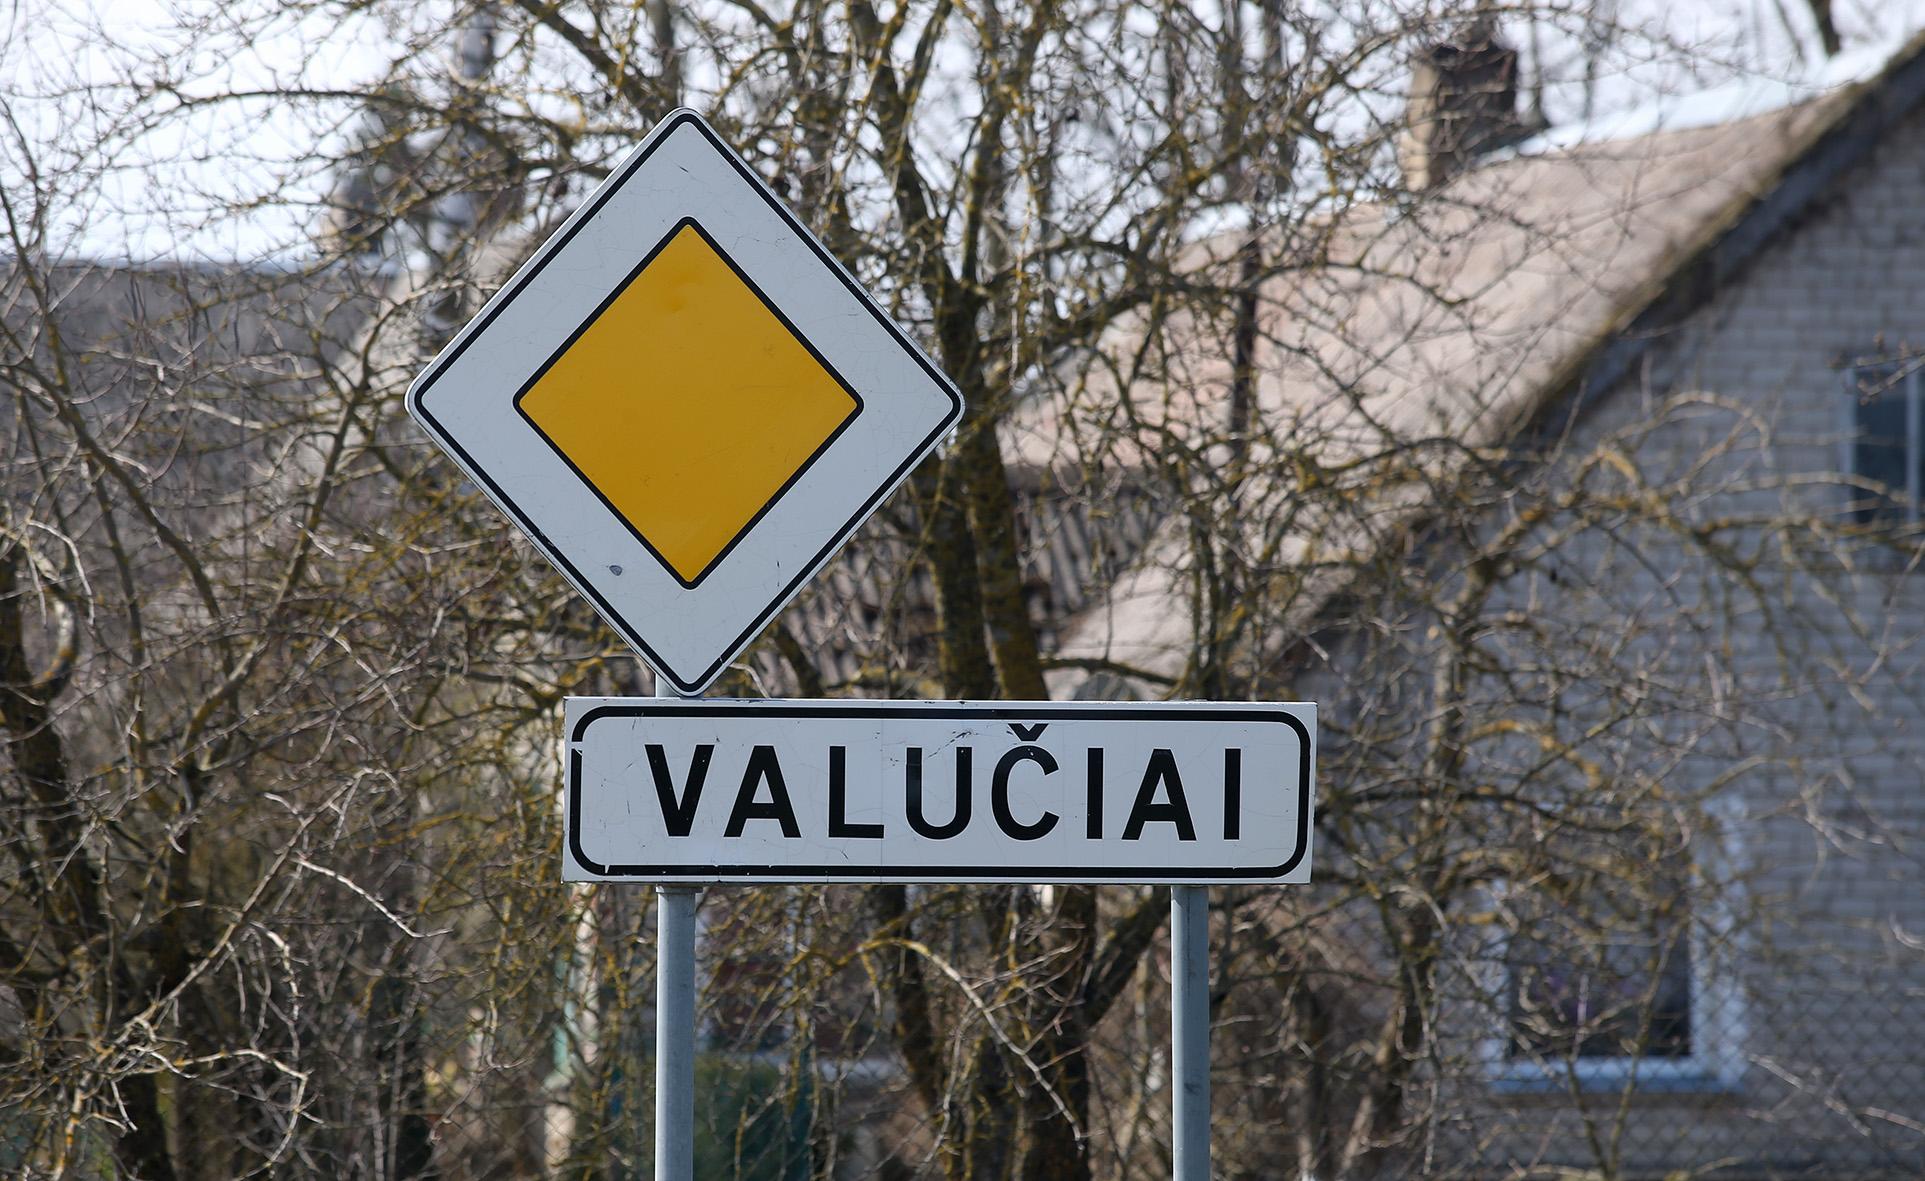 Sąlyginai ne tokie seni kai kurie gyvenamųjų vietų pavadinimai gali būti asmenvardinės kilmės. Tai primena daugmaž XVI a. antrosios pusės–XVIII a. pirmosios pusės kai kurie Dotnuvos regiono vietovardžiai, pavyzdžiui, Valučiai.